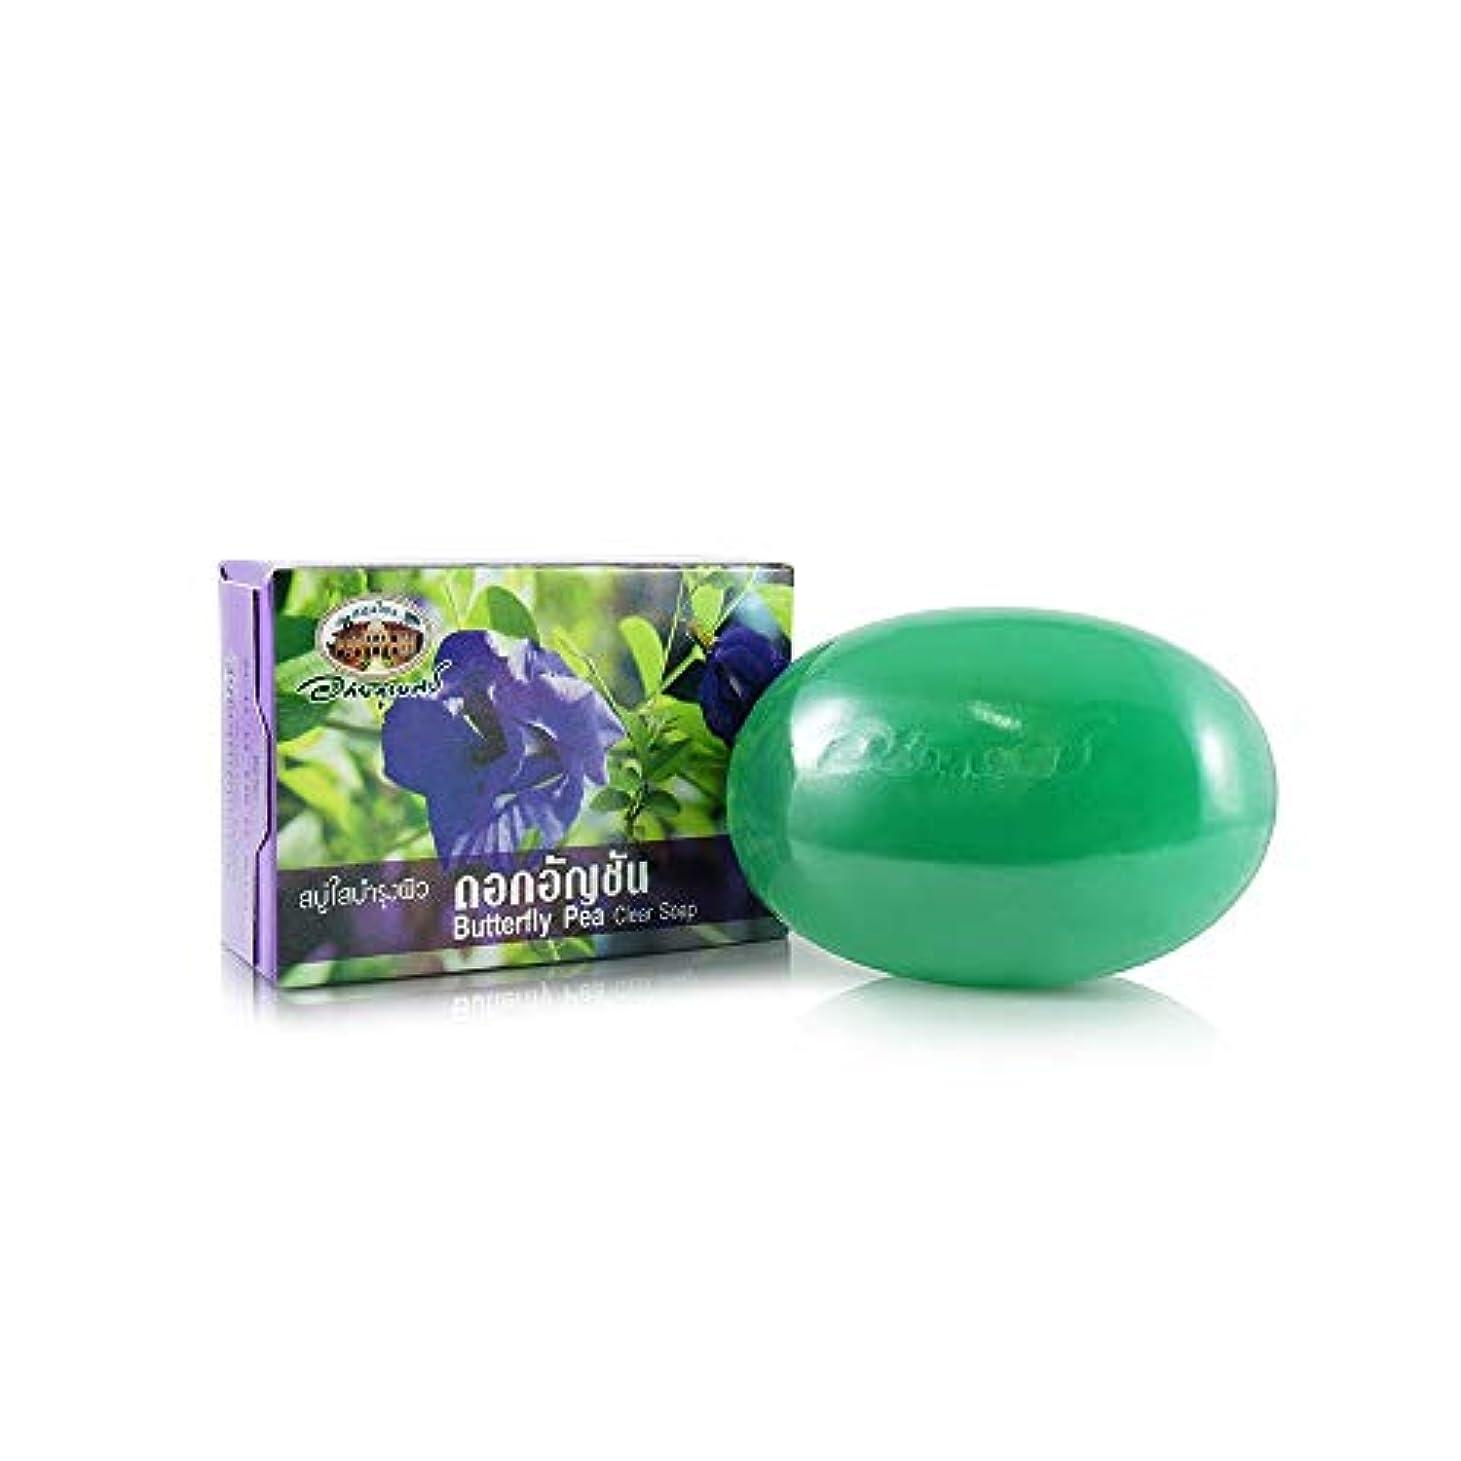 責ウガンダ覚醒Abhaibhubejhr Pea Flowers Vitamin E Herbal Body Cleaning Soap 100g. Abhaibhubejhrピー花ビタミンEハーブボディクリーニングソープ100グラム。